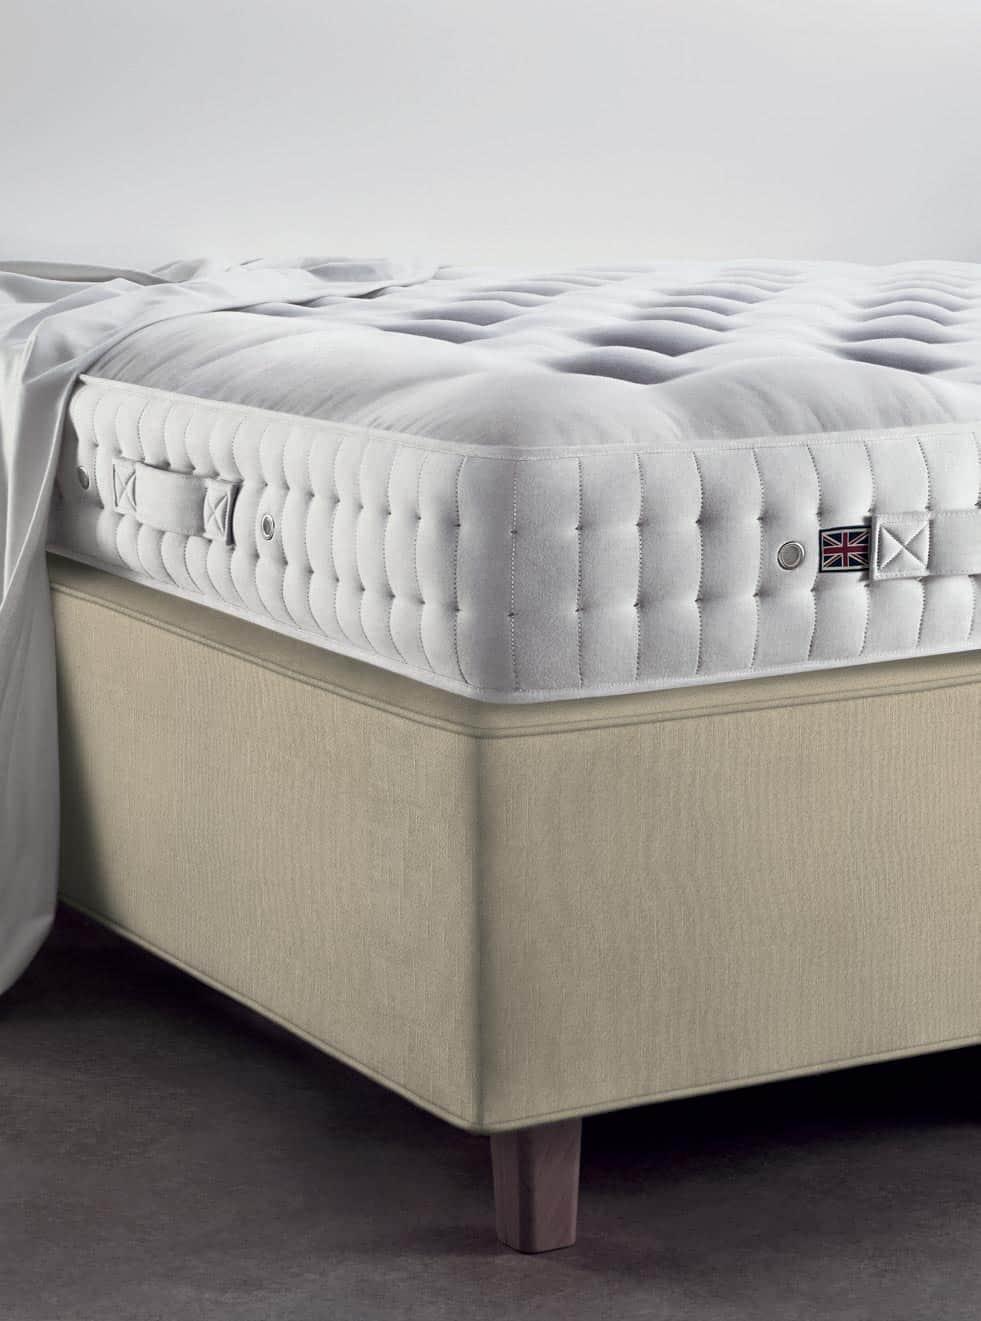 Vispring Devonshire mattress and DeLuxe divan corner